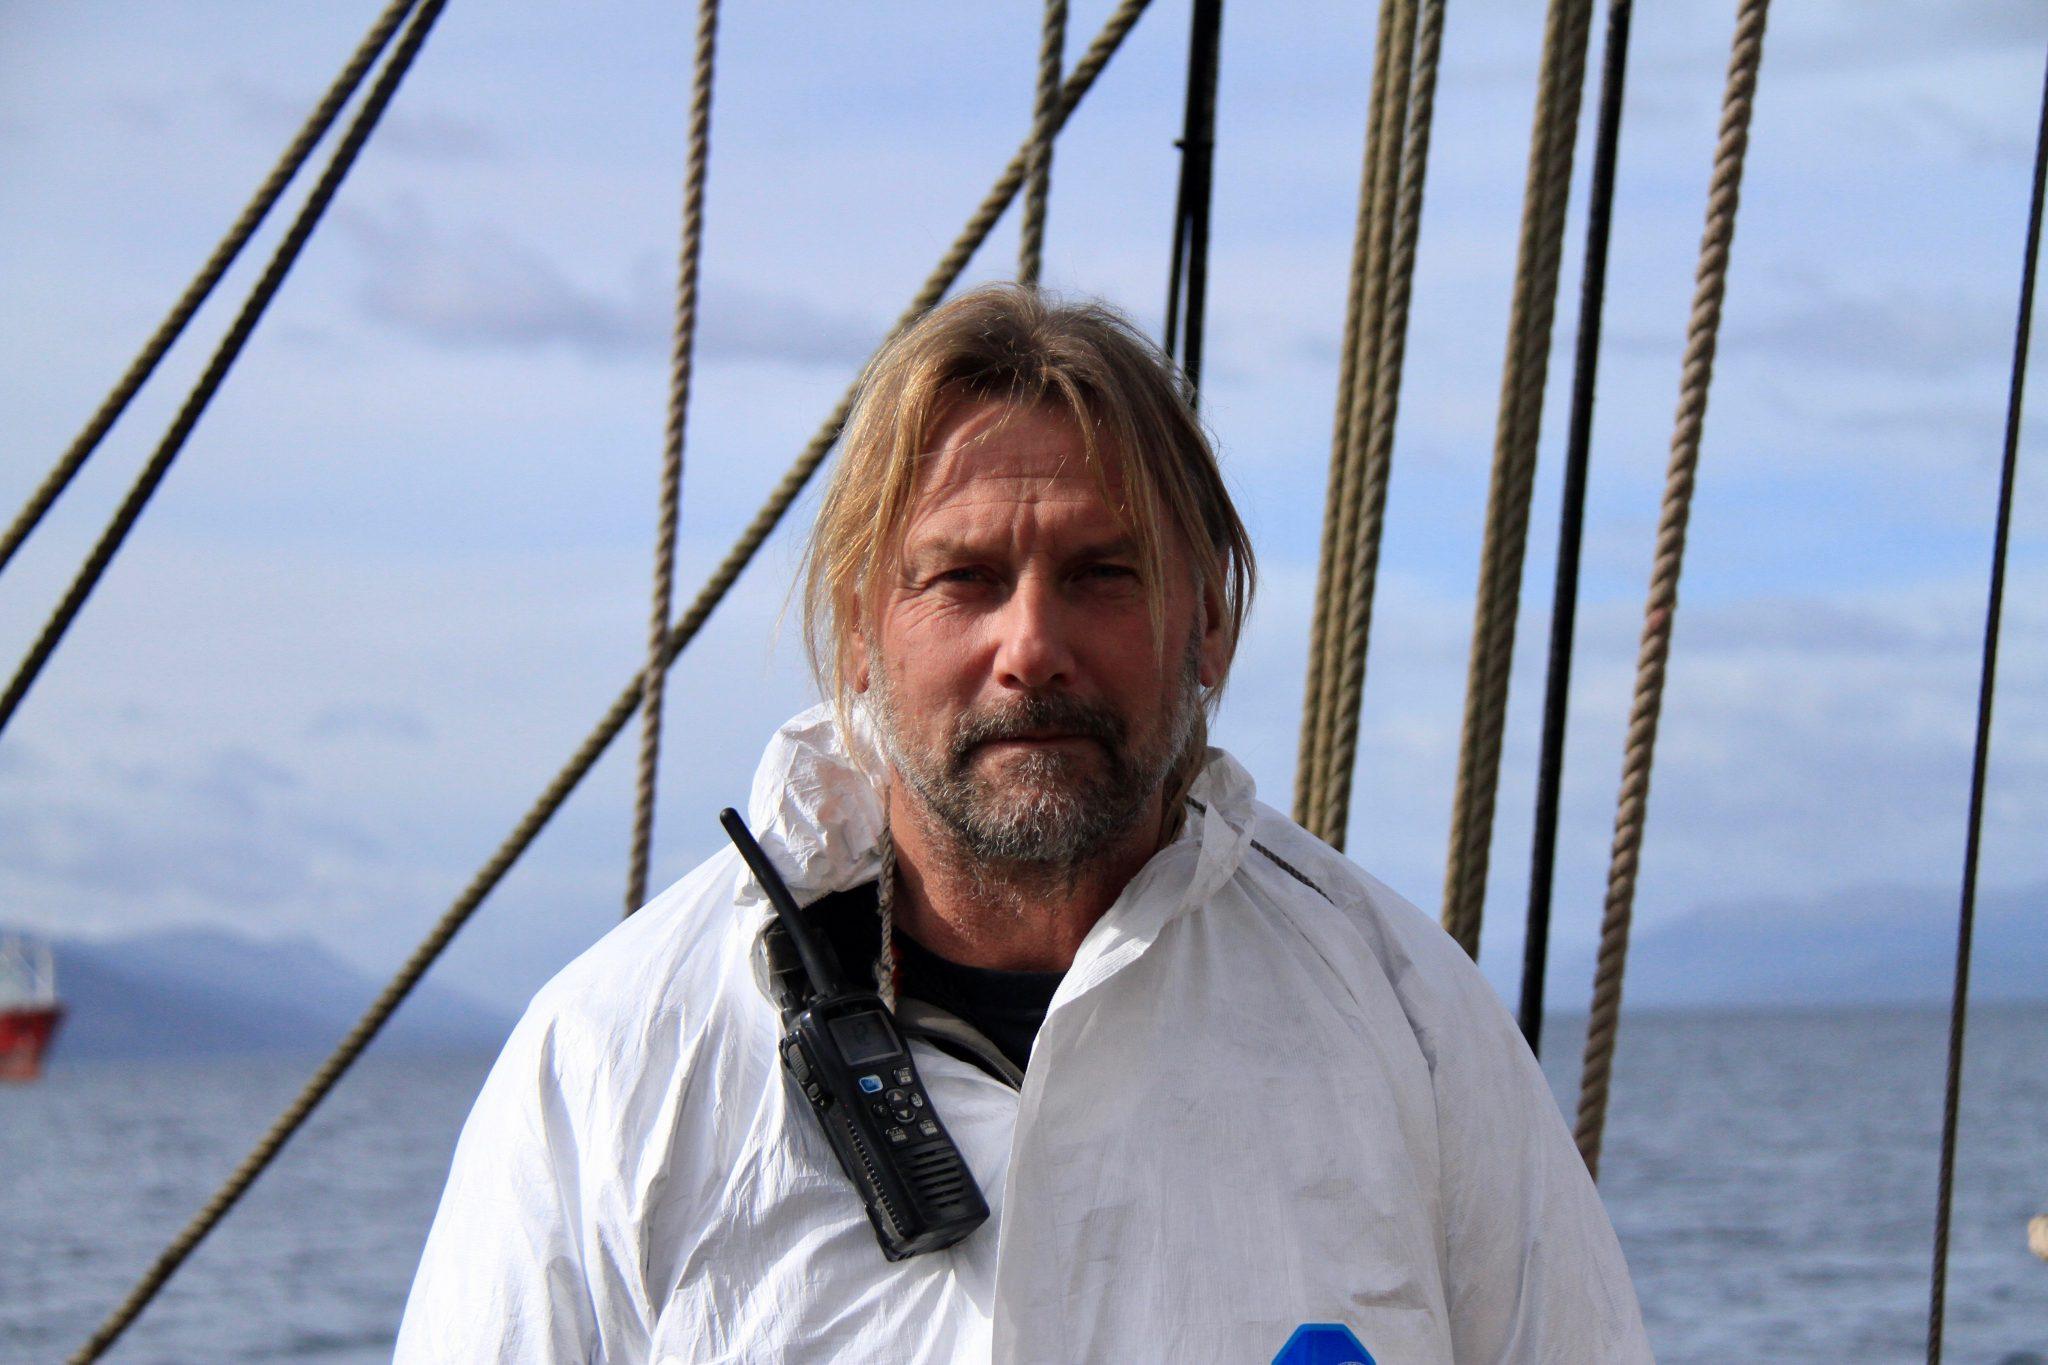 Hestag Media - Bark Europa zeilt door coronacrisis non-stop naar thuishaven Den Haag onder leiding van Nederlandse kapitein Eric Kesteloo